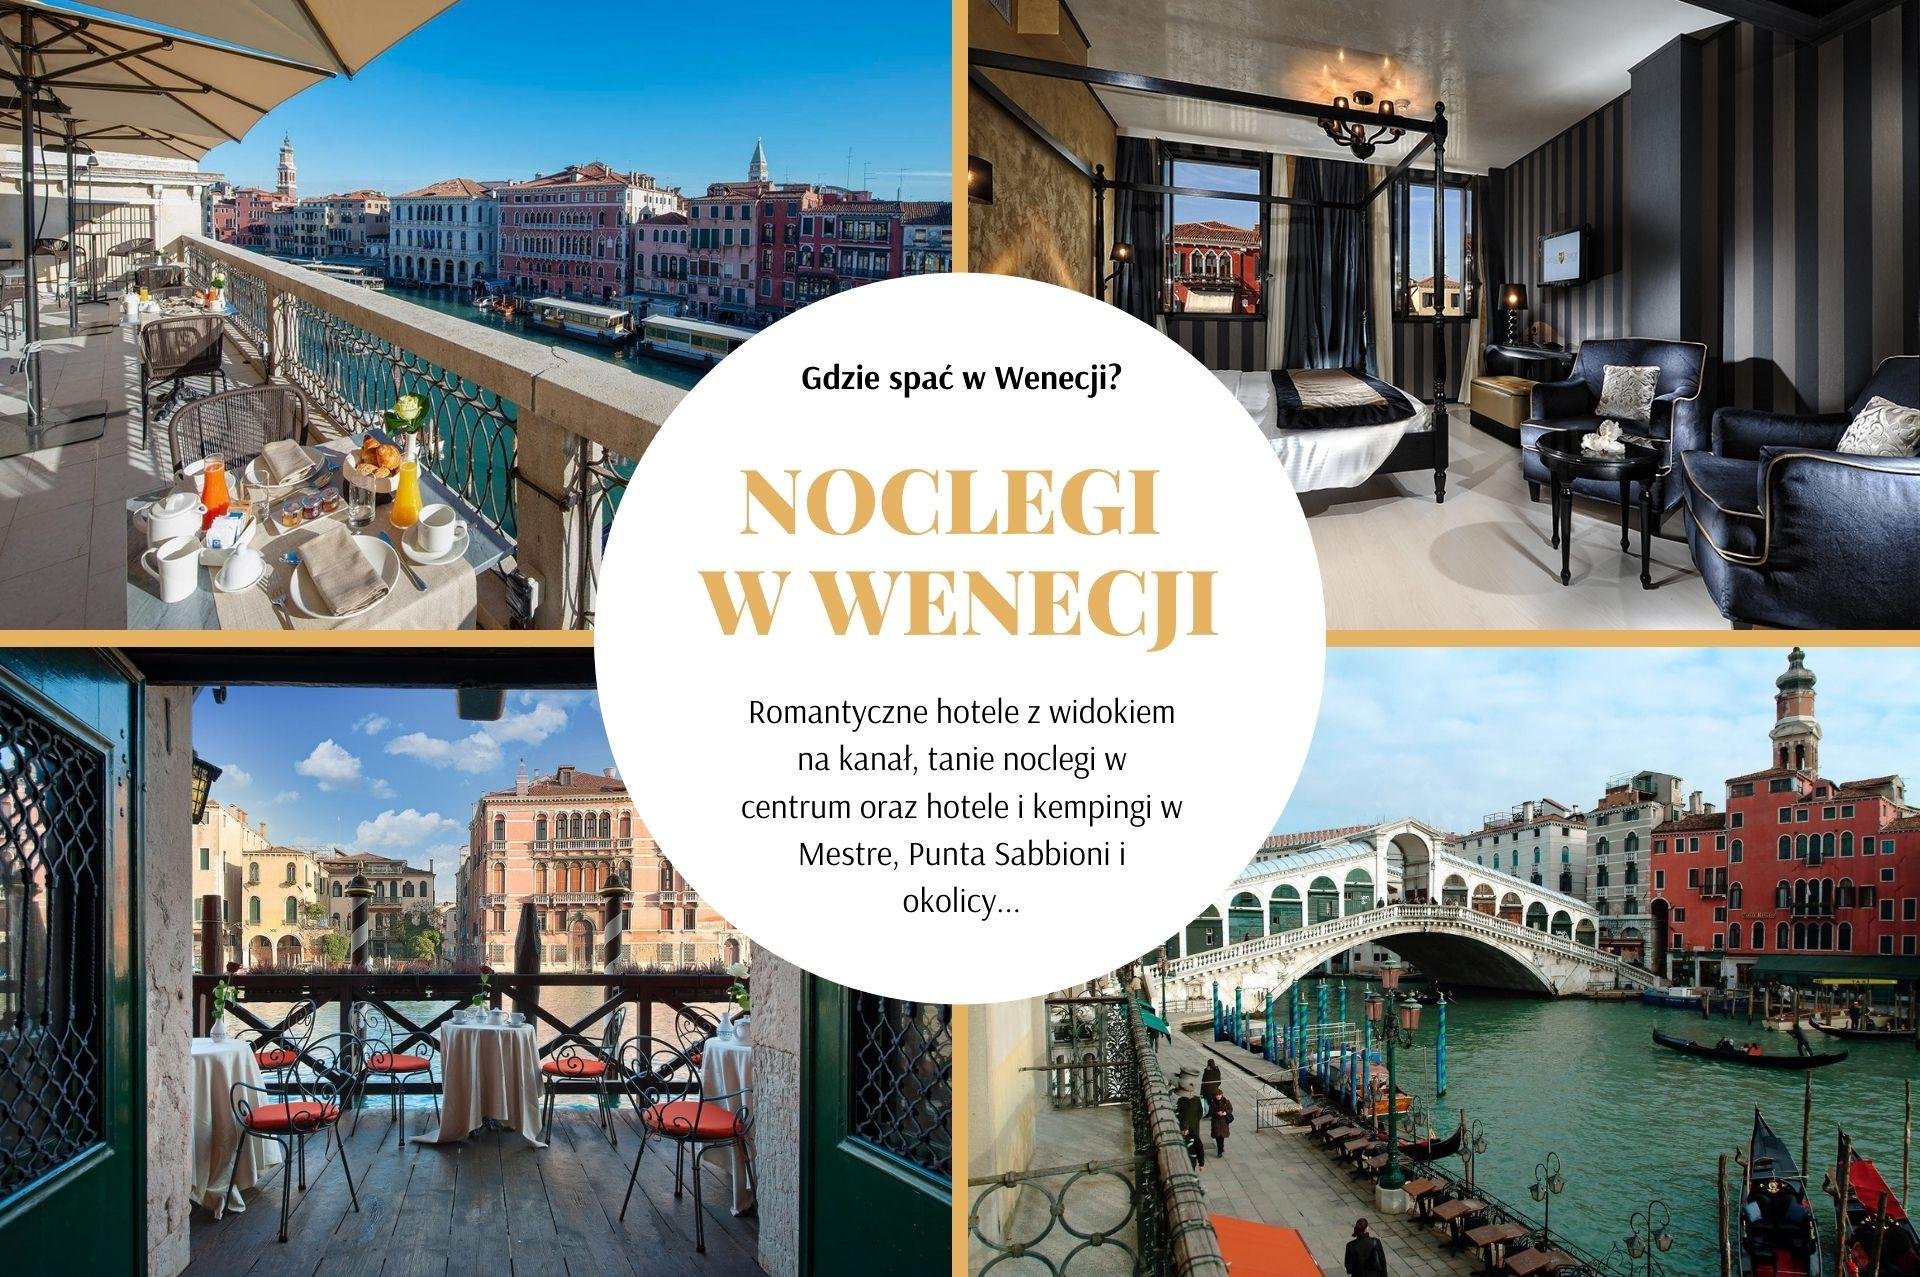 Noclegi w Wenecji: gdzie spać w Wenecji i okolicach? Sprawdzone miejsca na każdą kieszeń